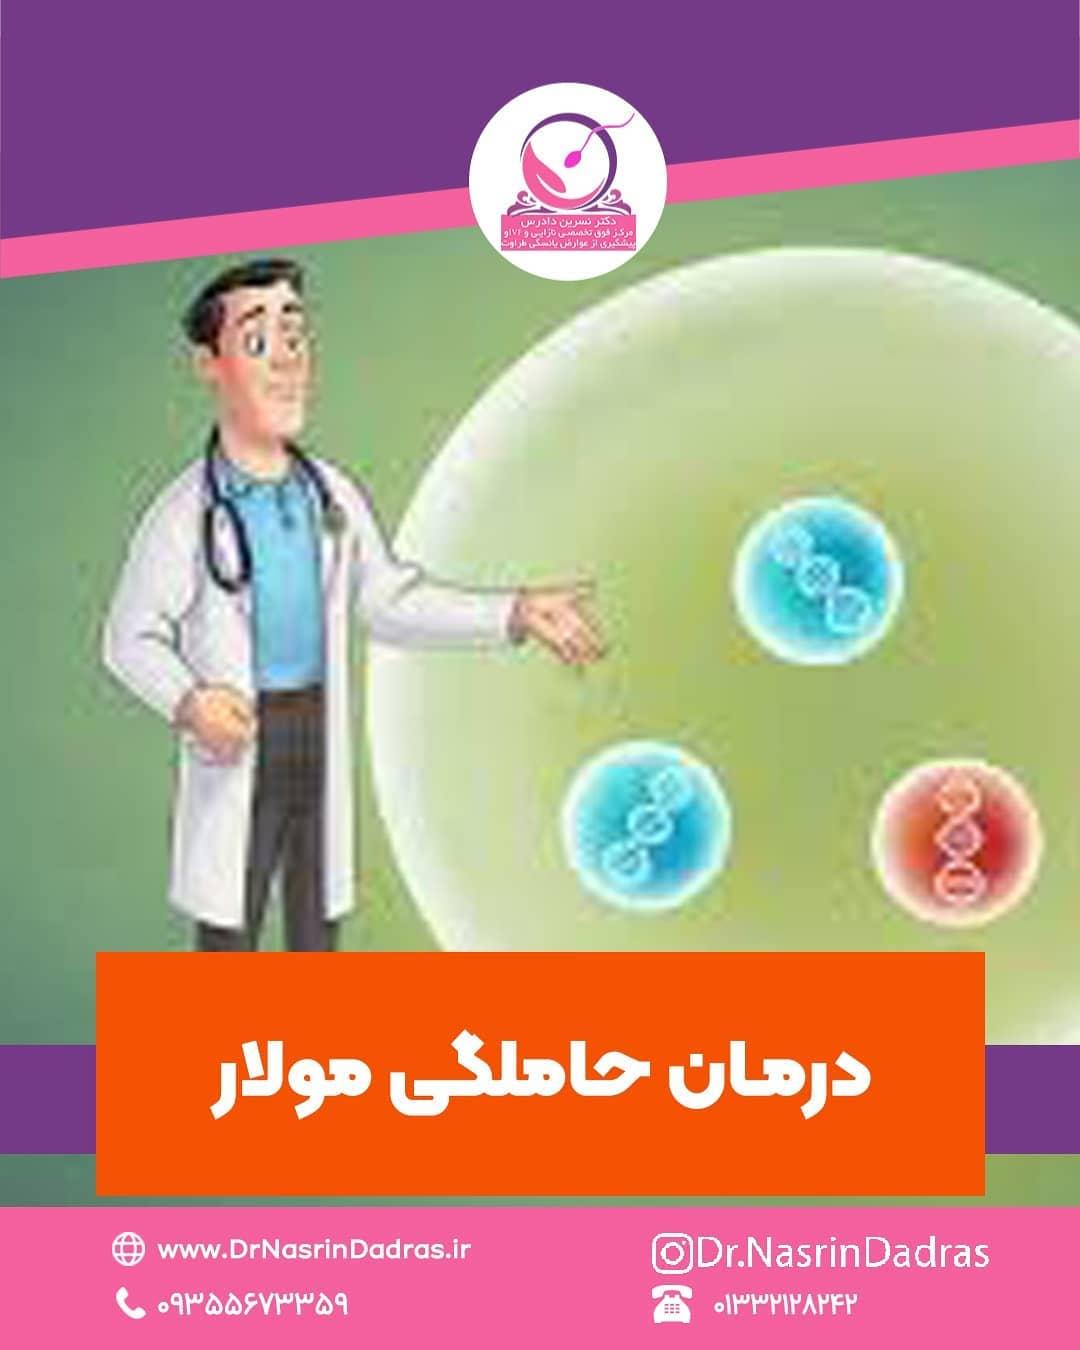 درمان حاملگی مولار